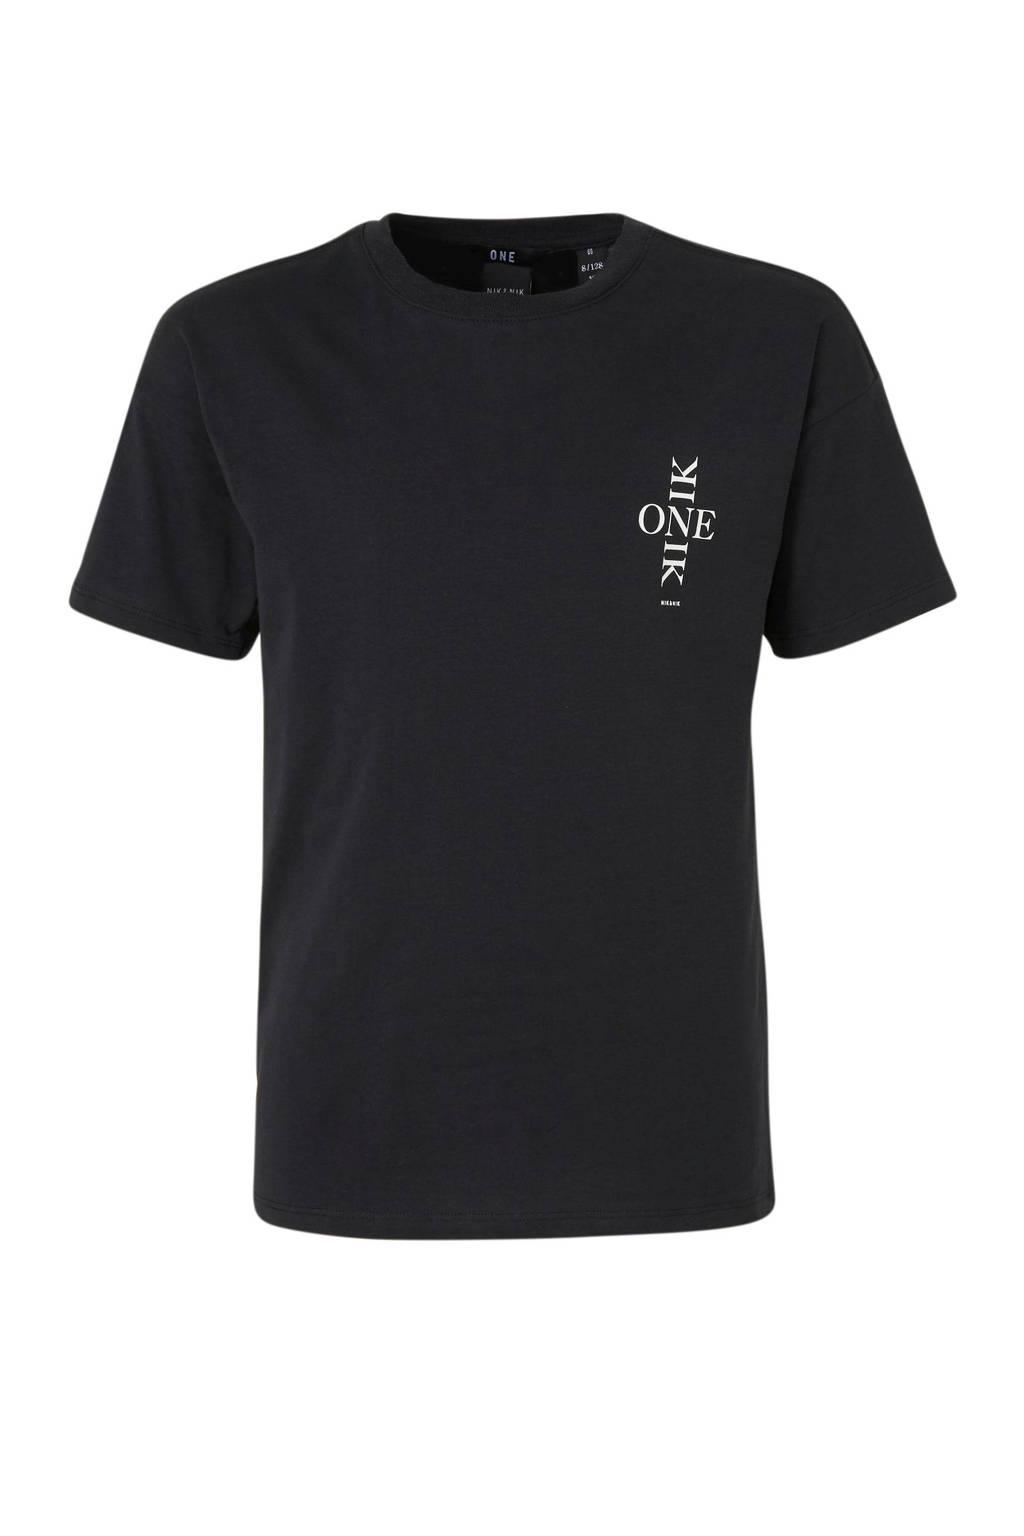 NIK&NIK T-shirt Lexy One met printopdruk zwart, Zwart